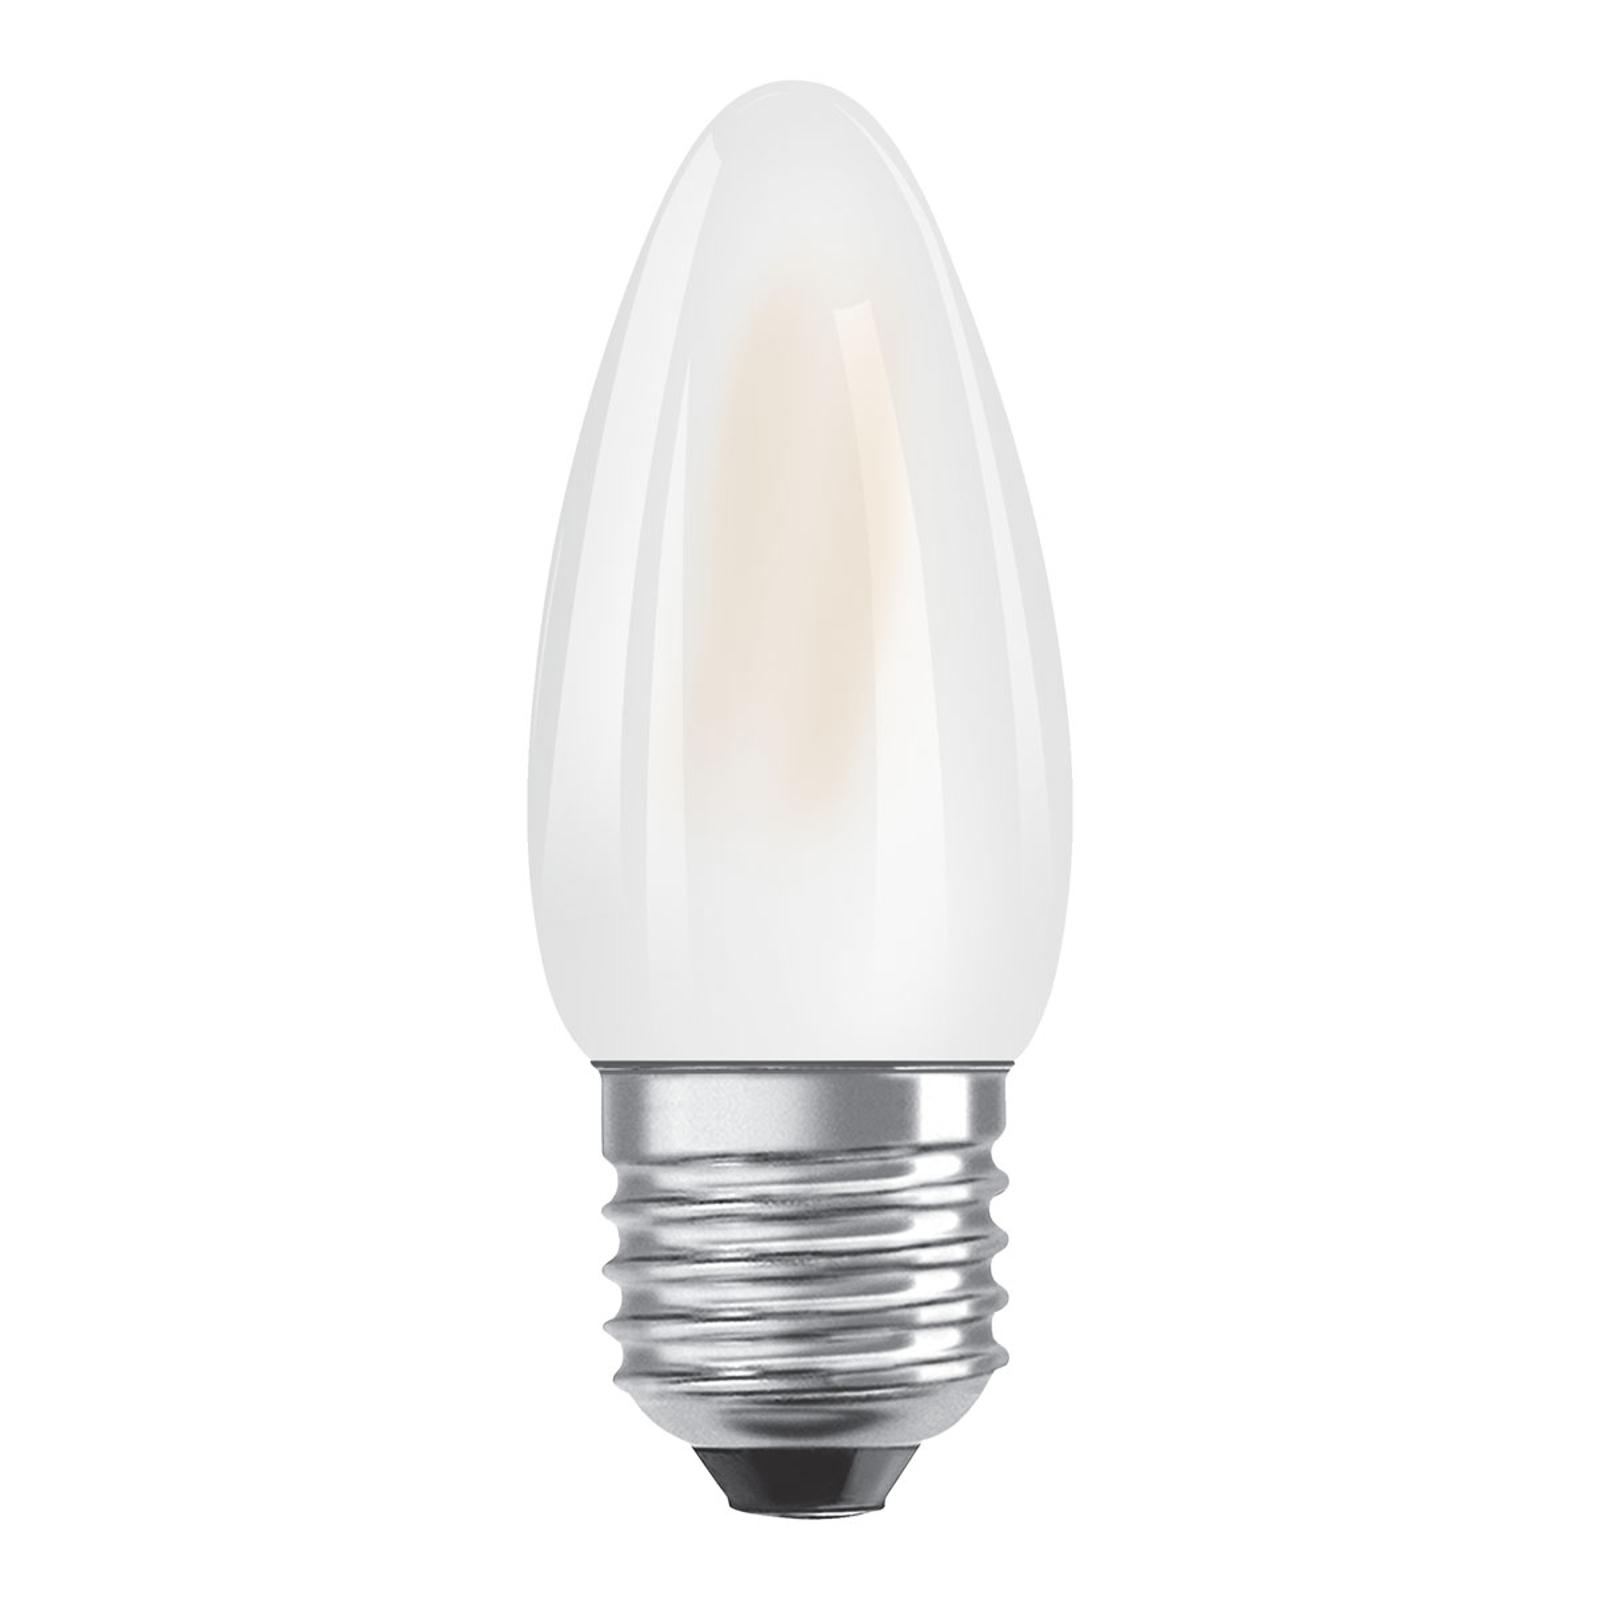 OSRAM-LED-kynttilälamppu E27 Superstar 5W 2 700 K